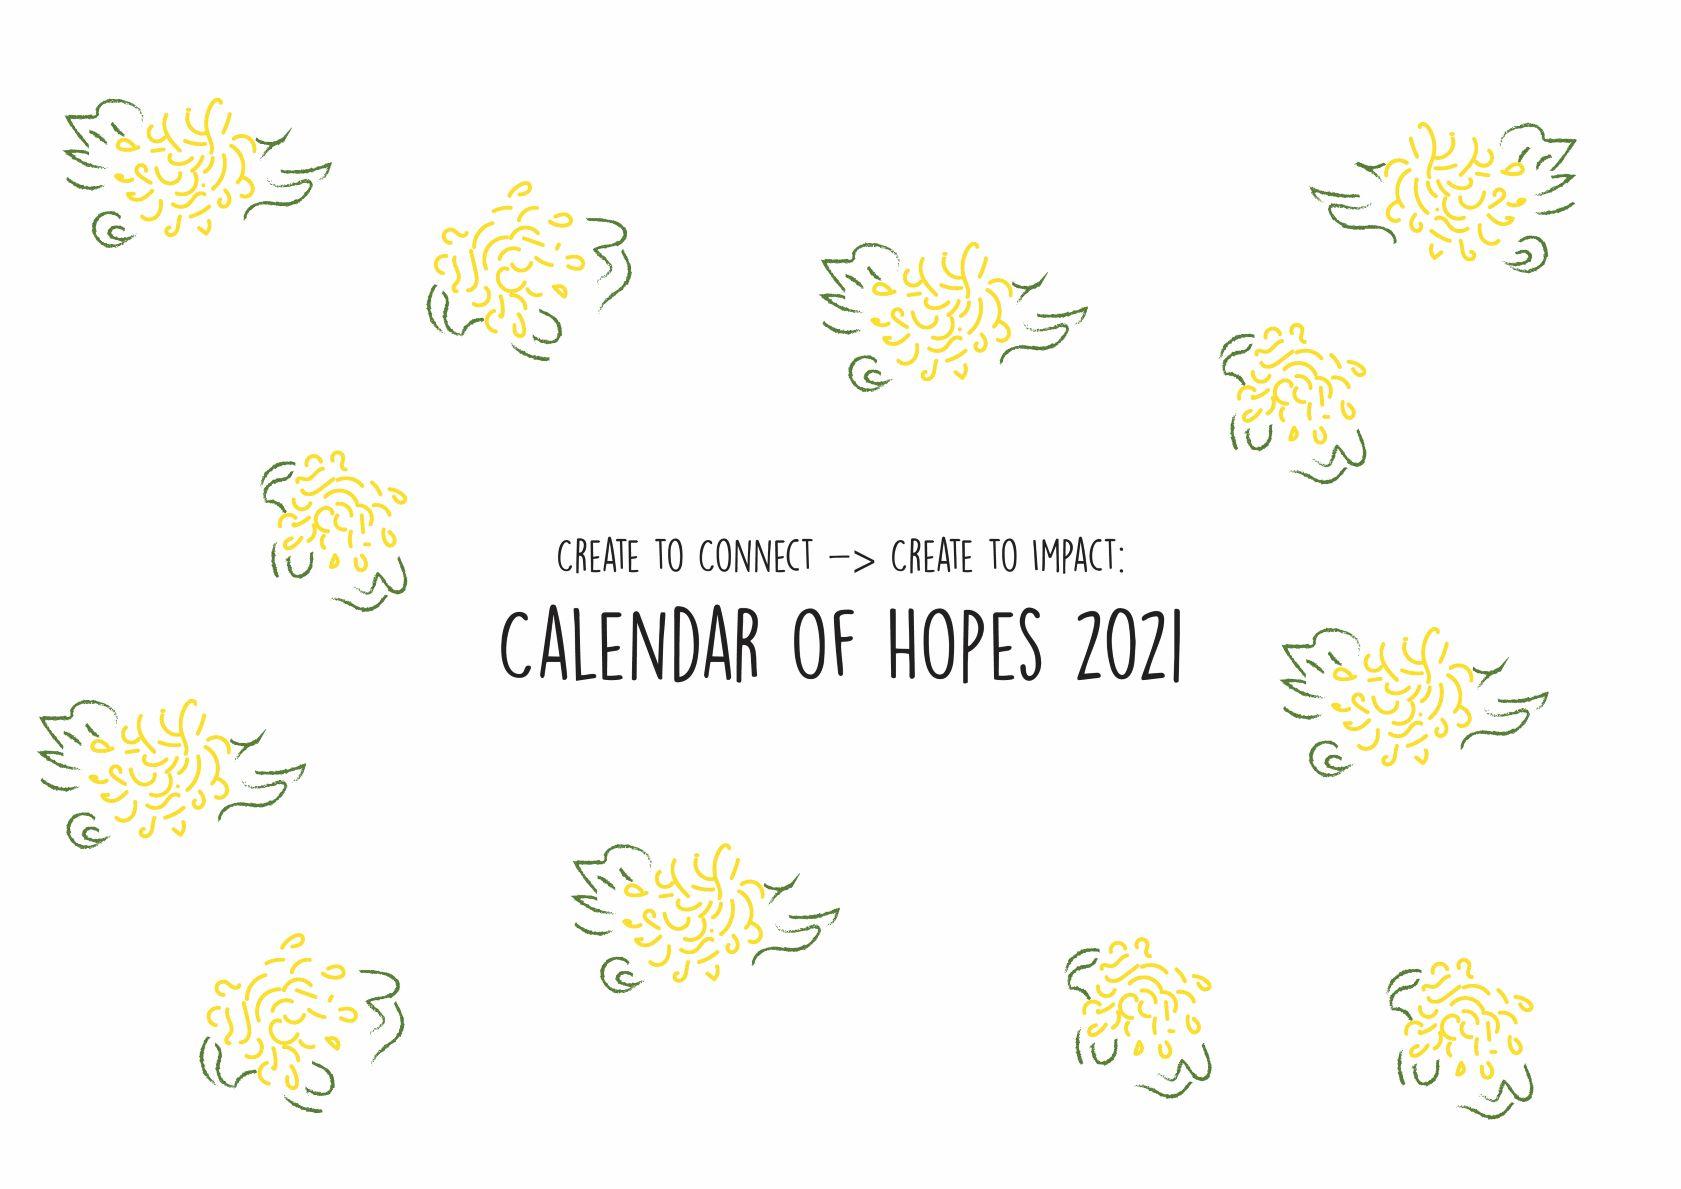 Calendar of Hopes 2021